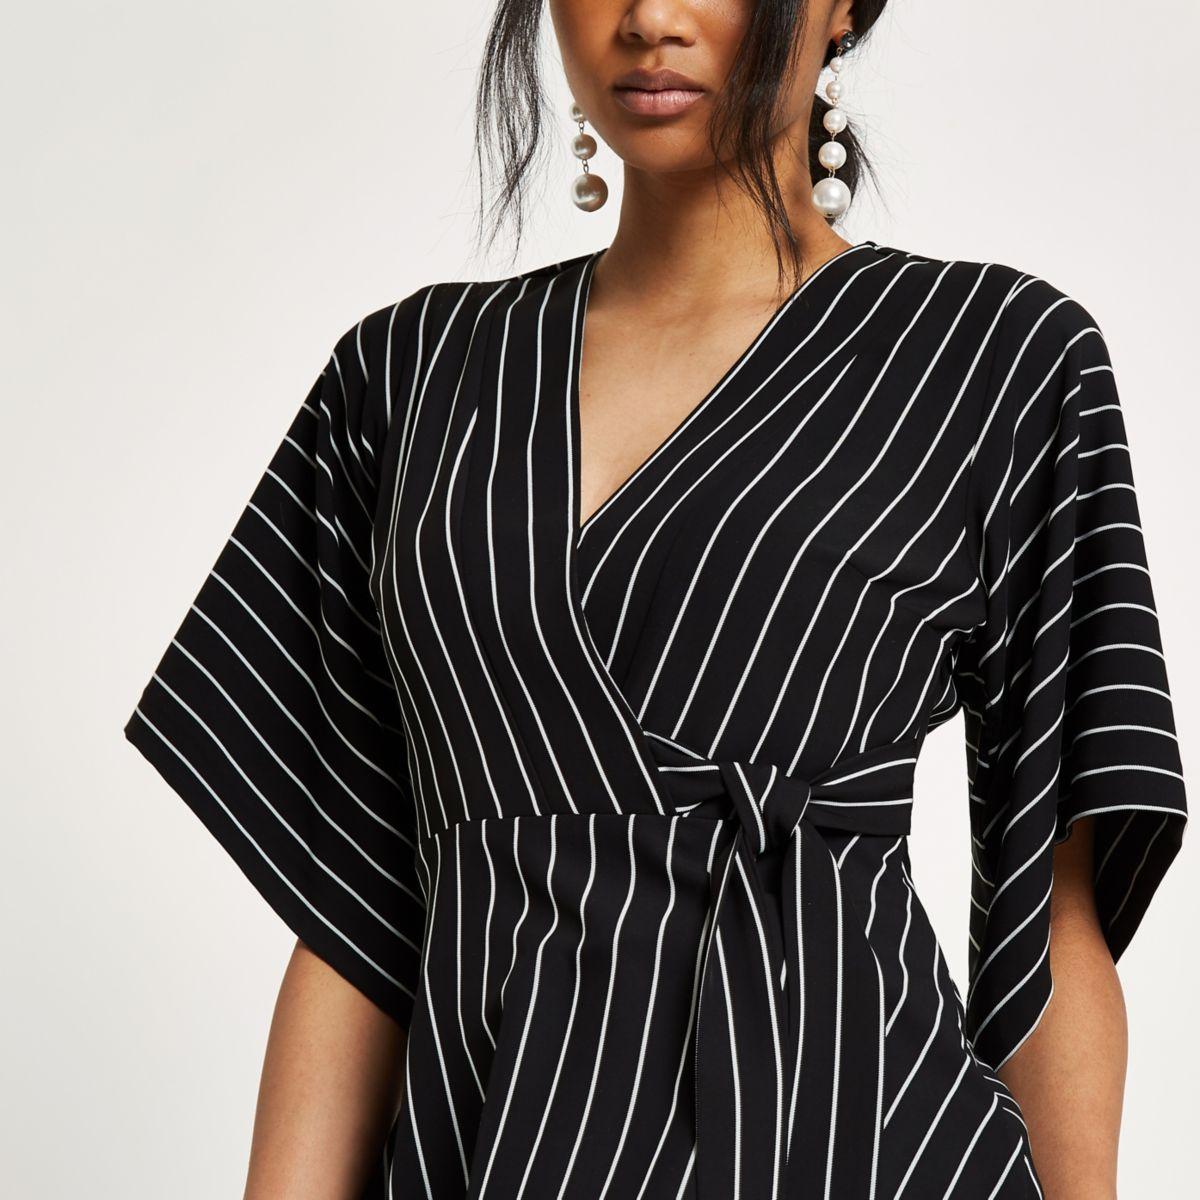 Black Stripe Kimono Wrap Top                                  Black Stripe Kimono Wrap Top by River Island